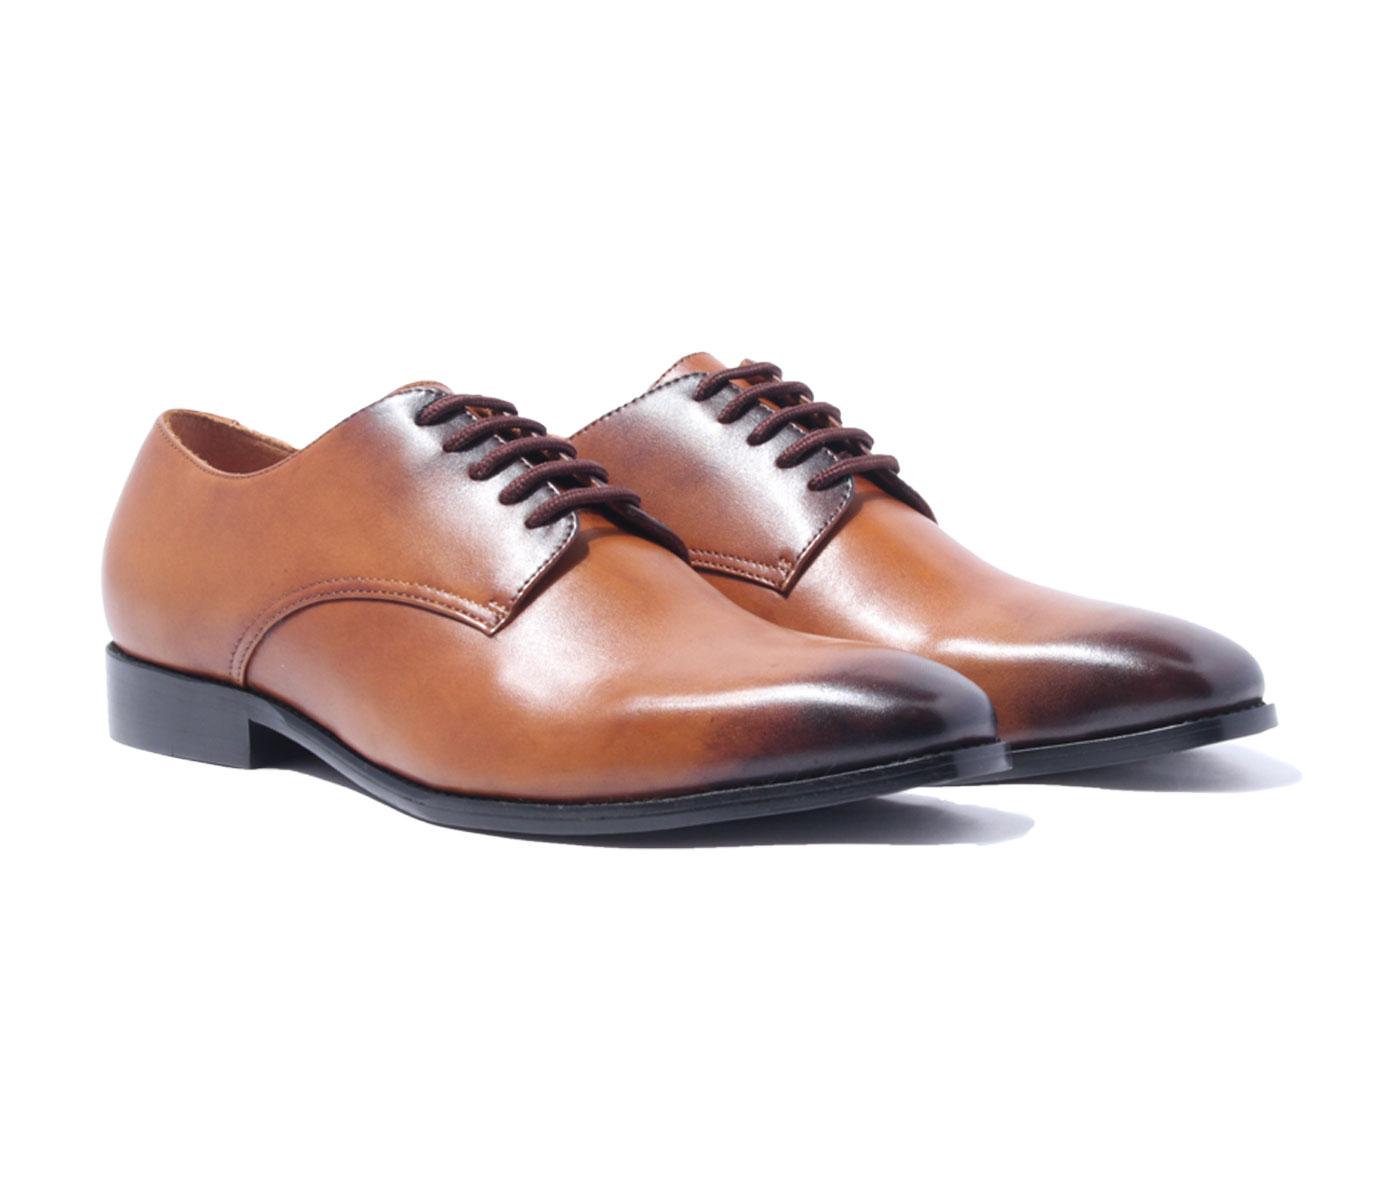 Giày tây cao cấp chính hãng BANULI, kiểu giày buộc dây công sở H1PD1M0 da bò Ý, đế pháp cao su tự nhiên